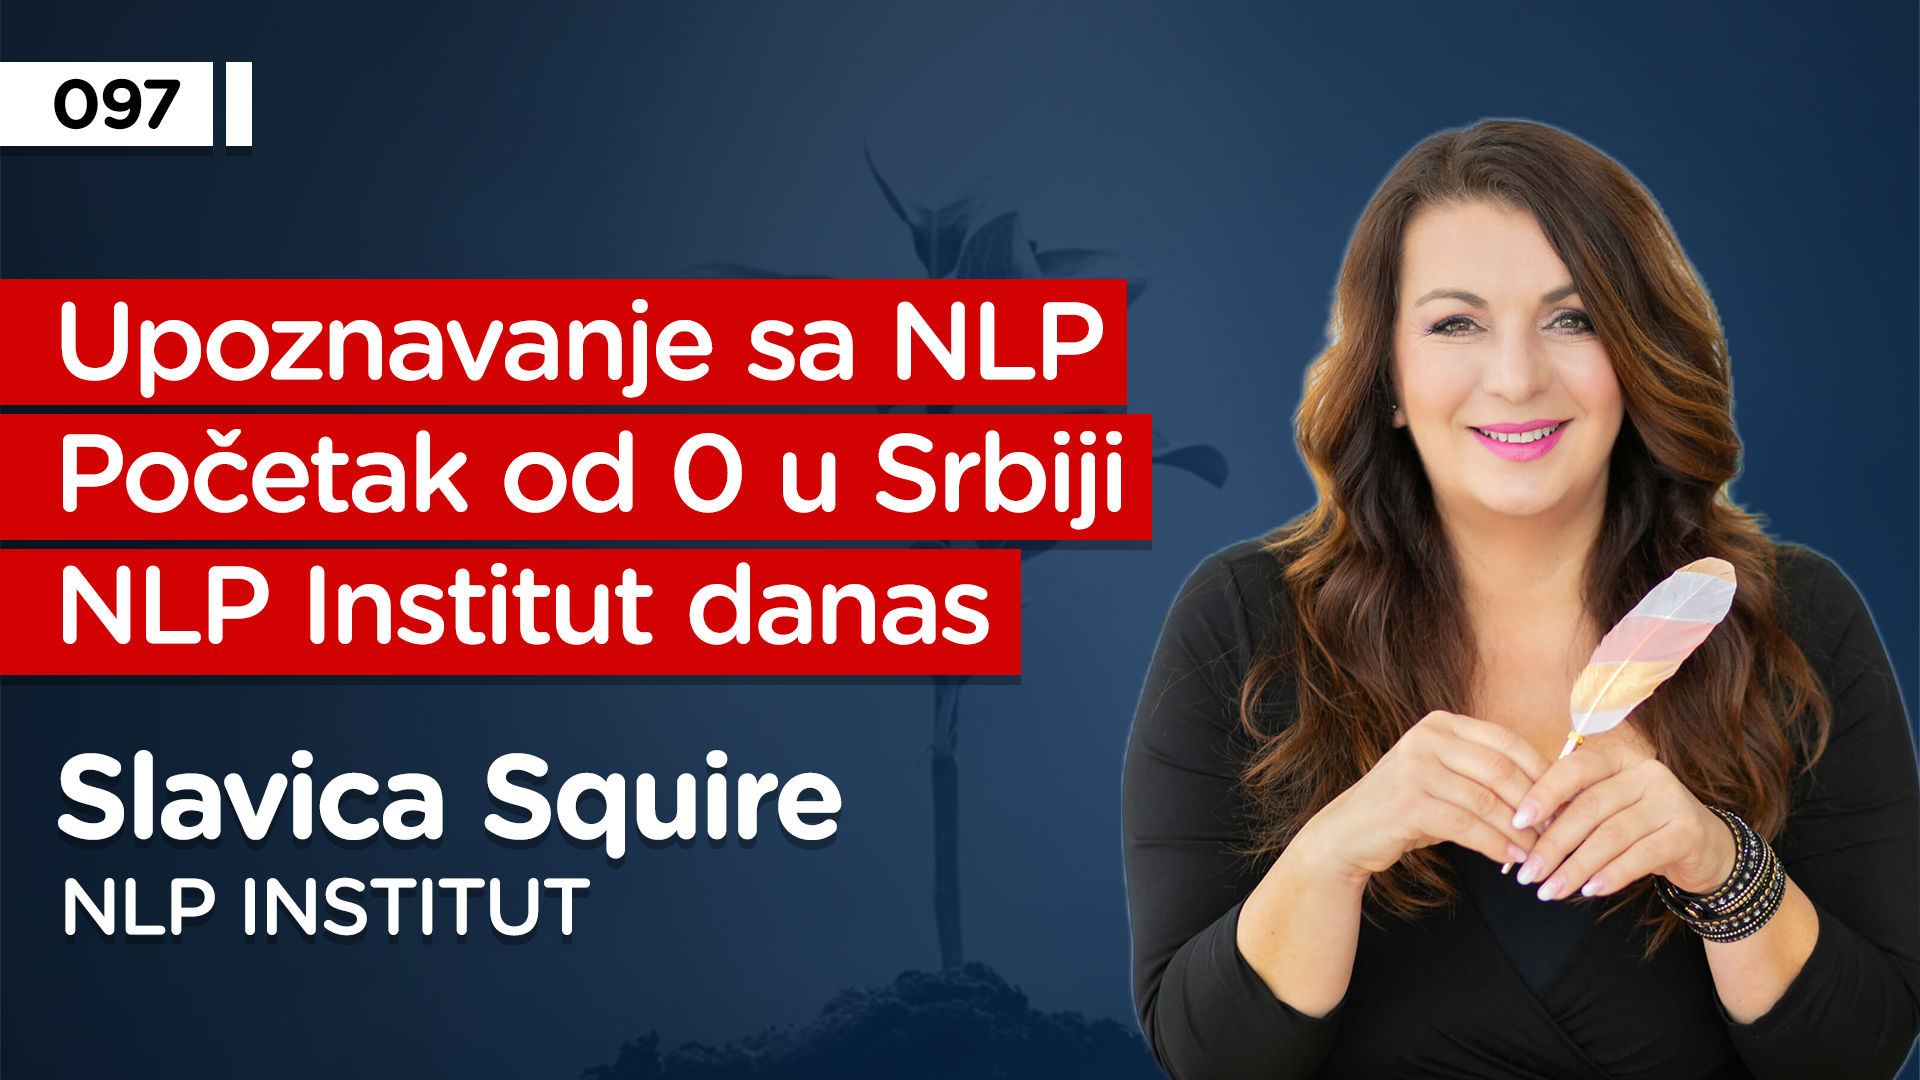 EP097: Slavica Squire